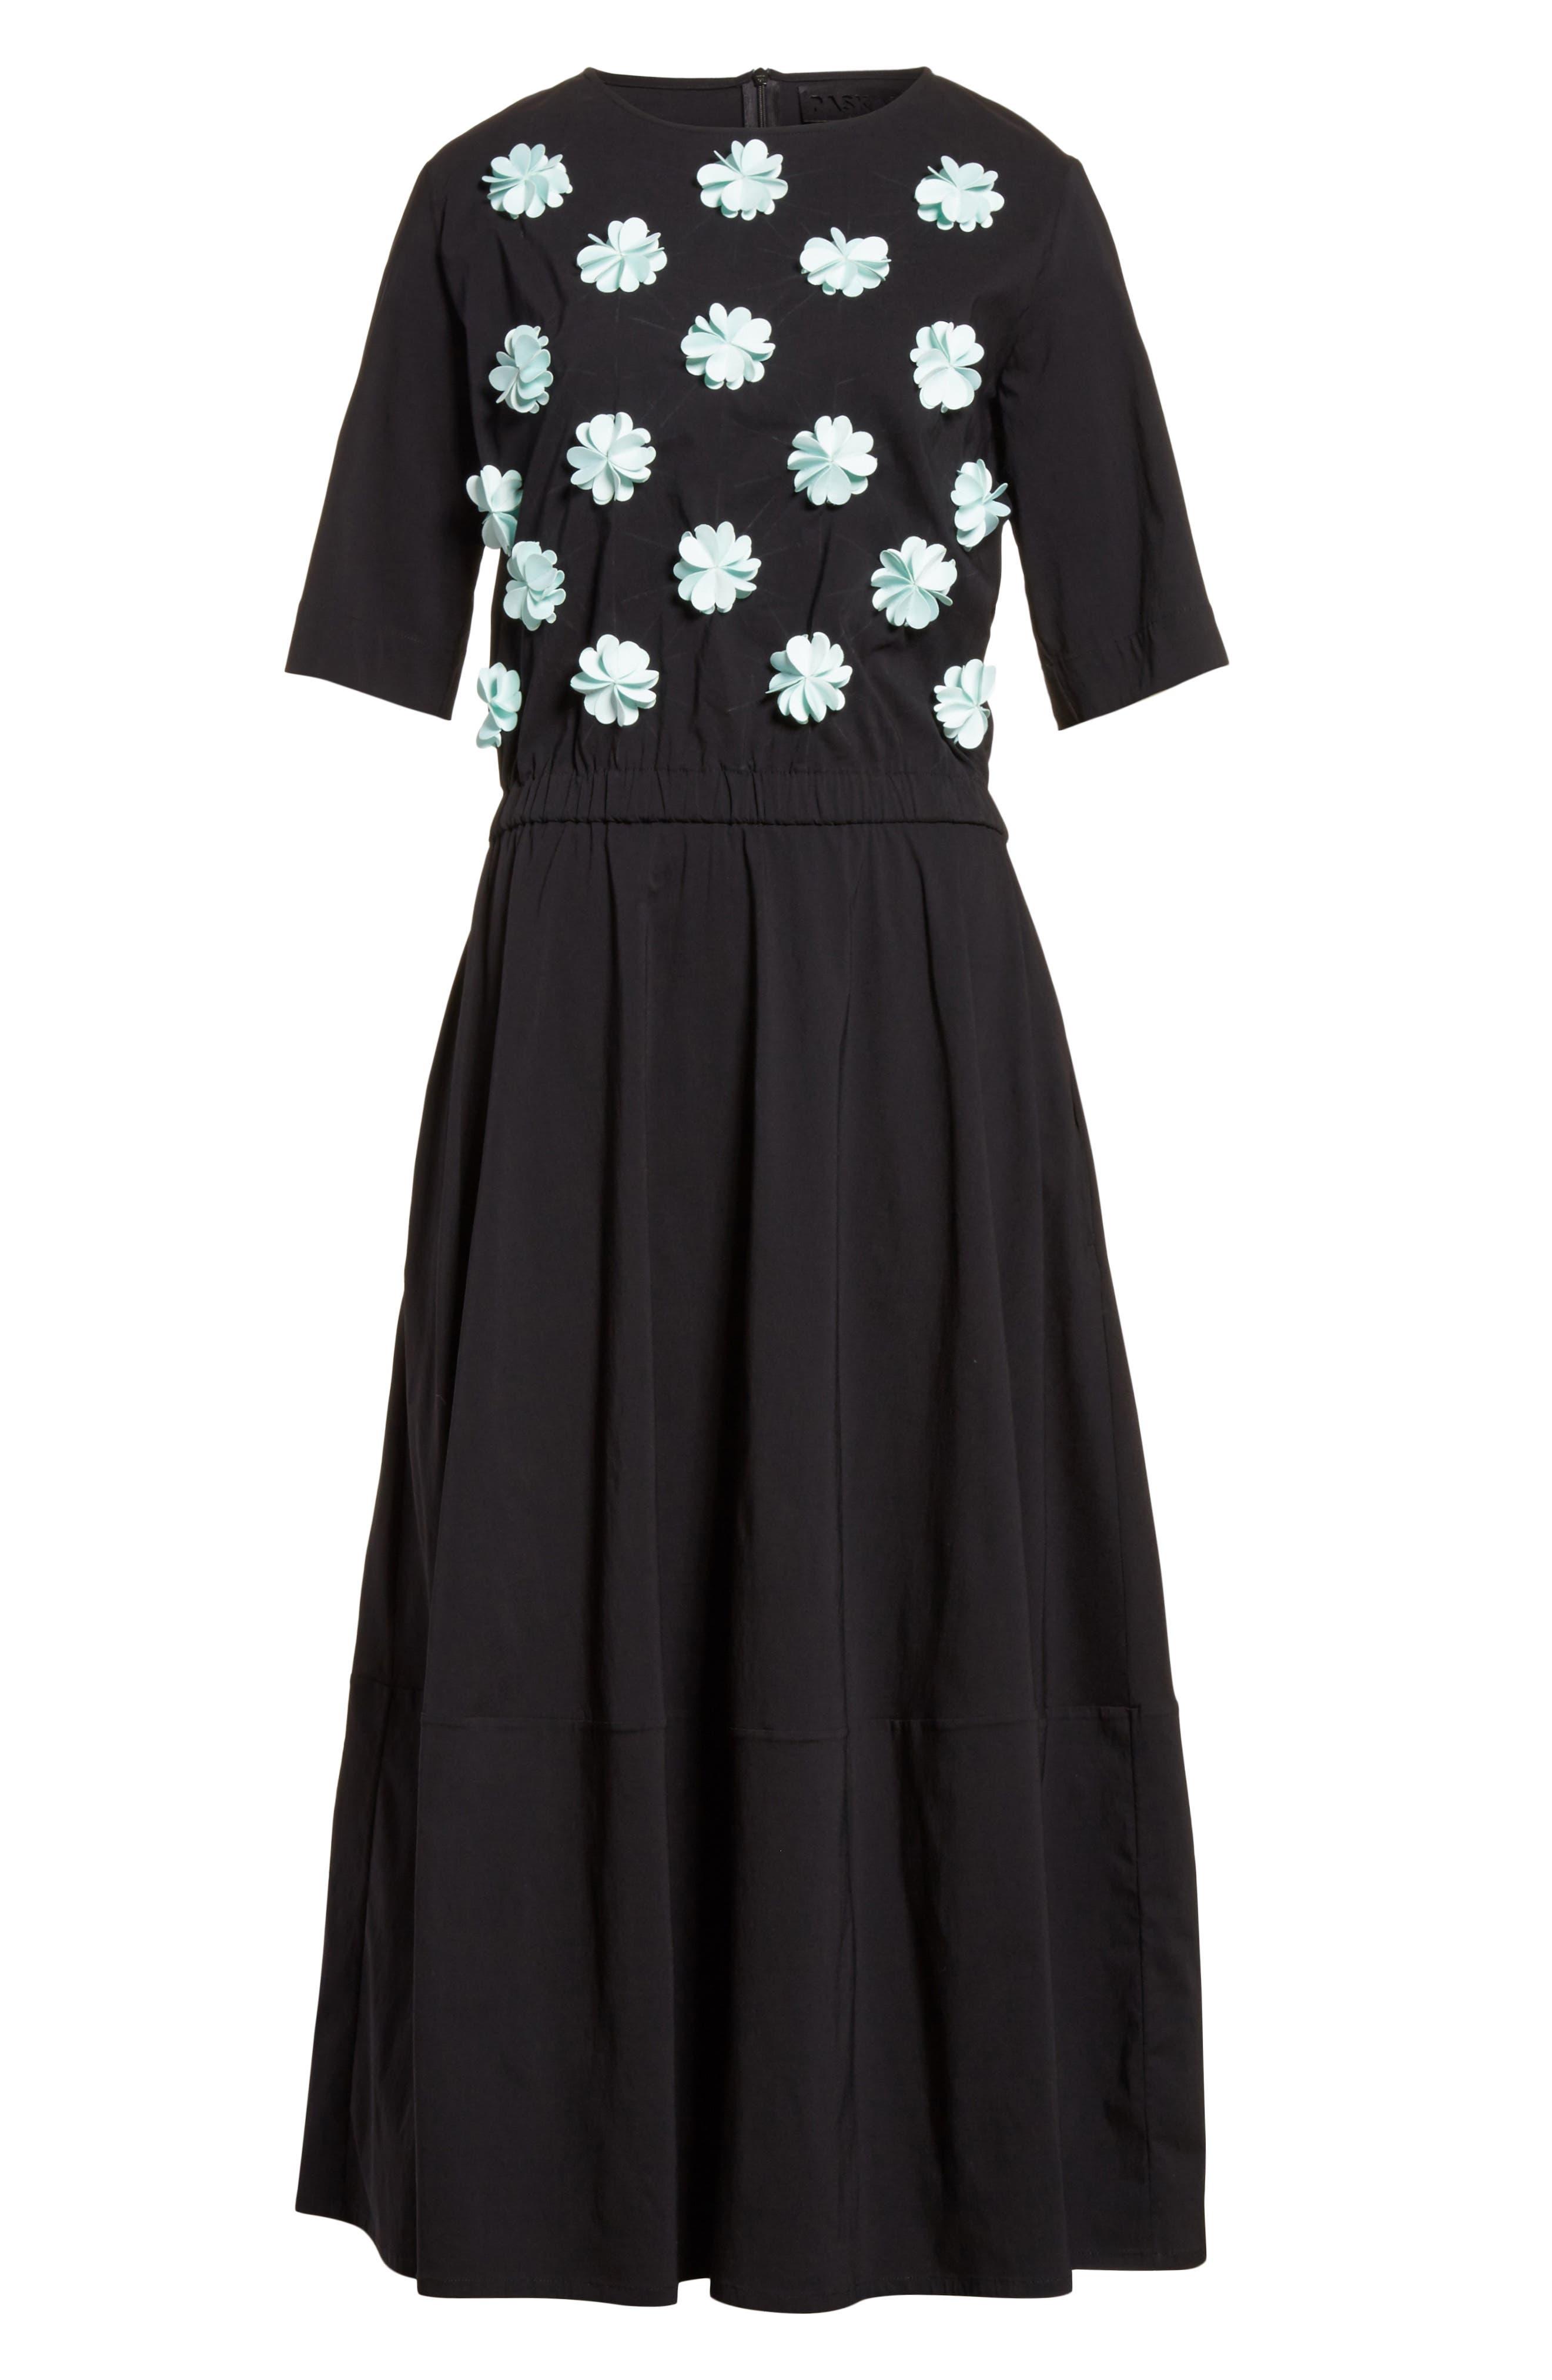 Floral Appliqué Dress,                             Alternate thumbnail 6, color,                             001